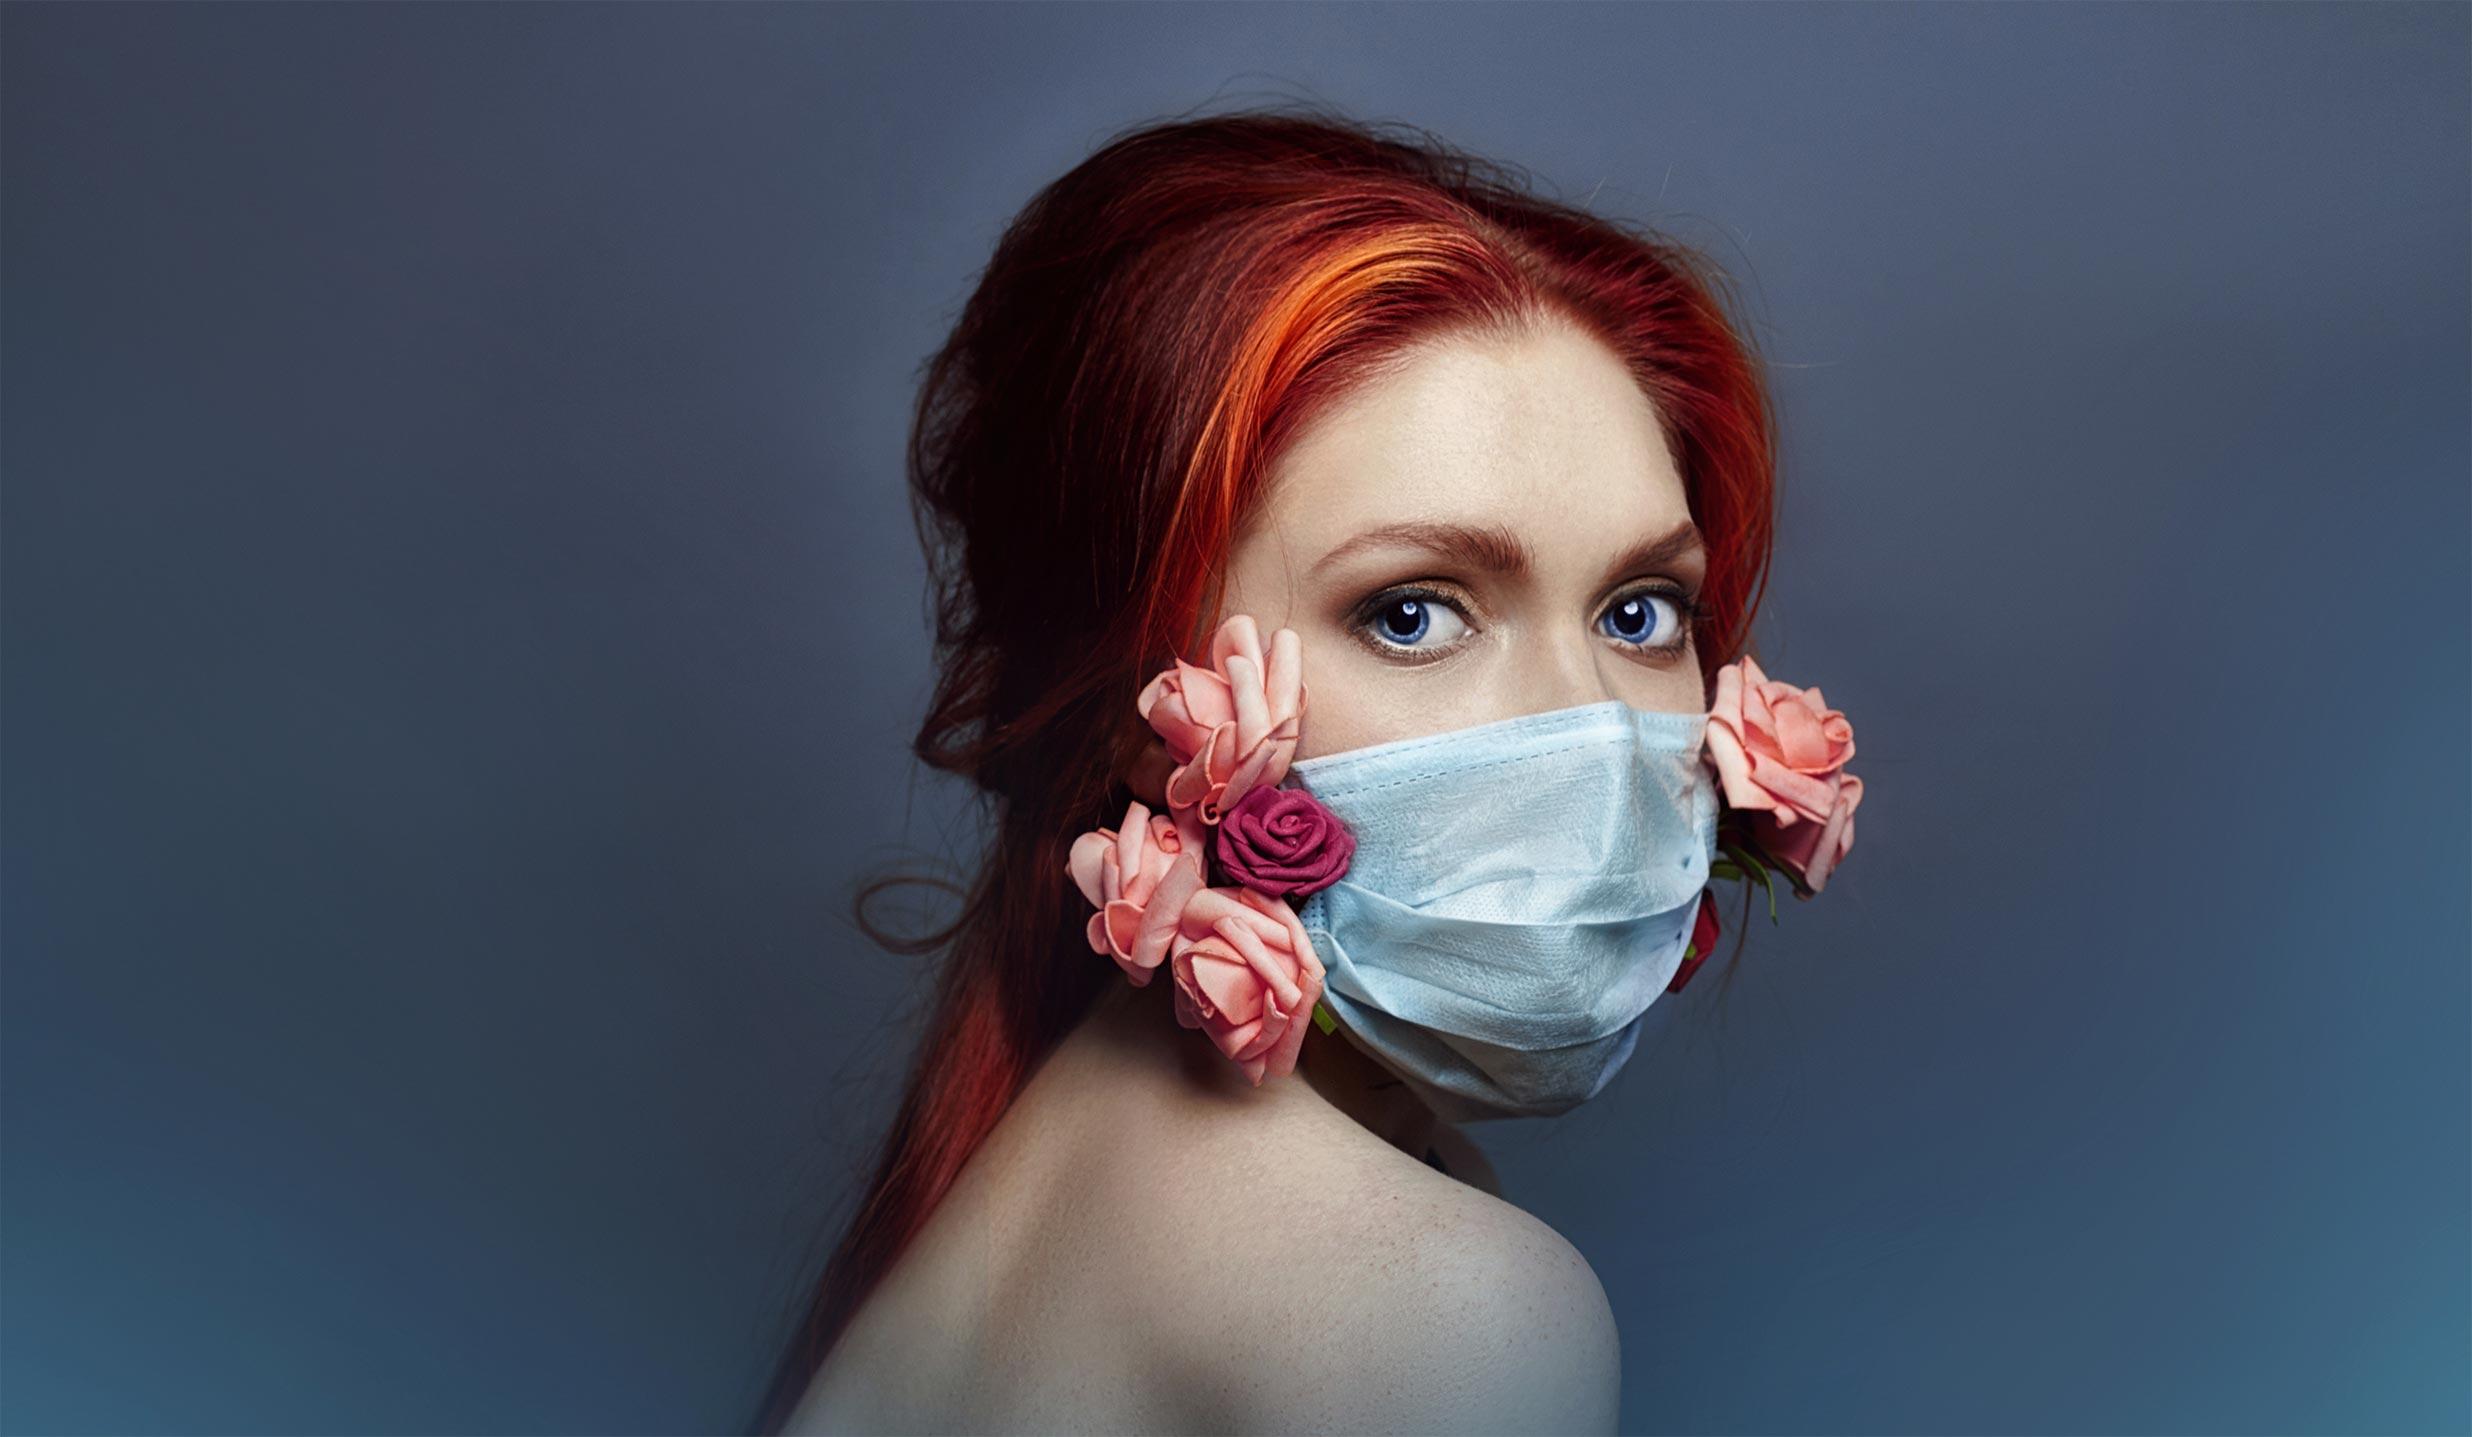 Donna con i capelli rossi e una mascherina ornata di fiori per difendersi da coronavirus